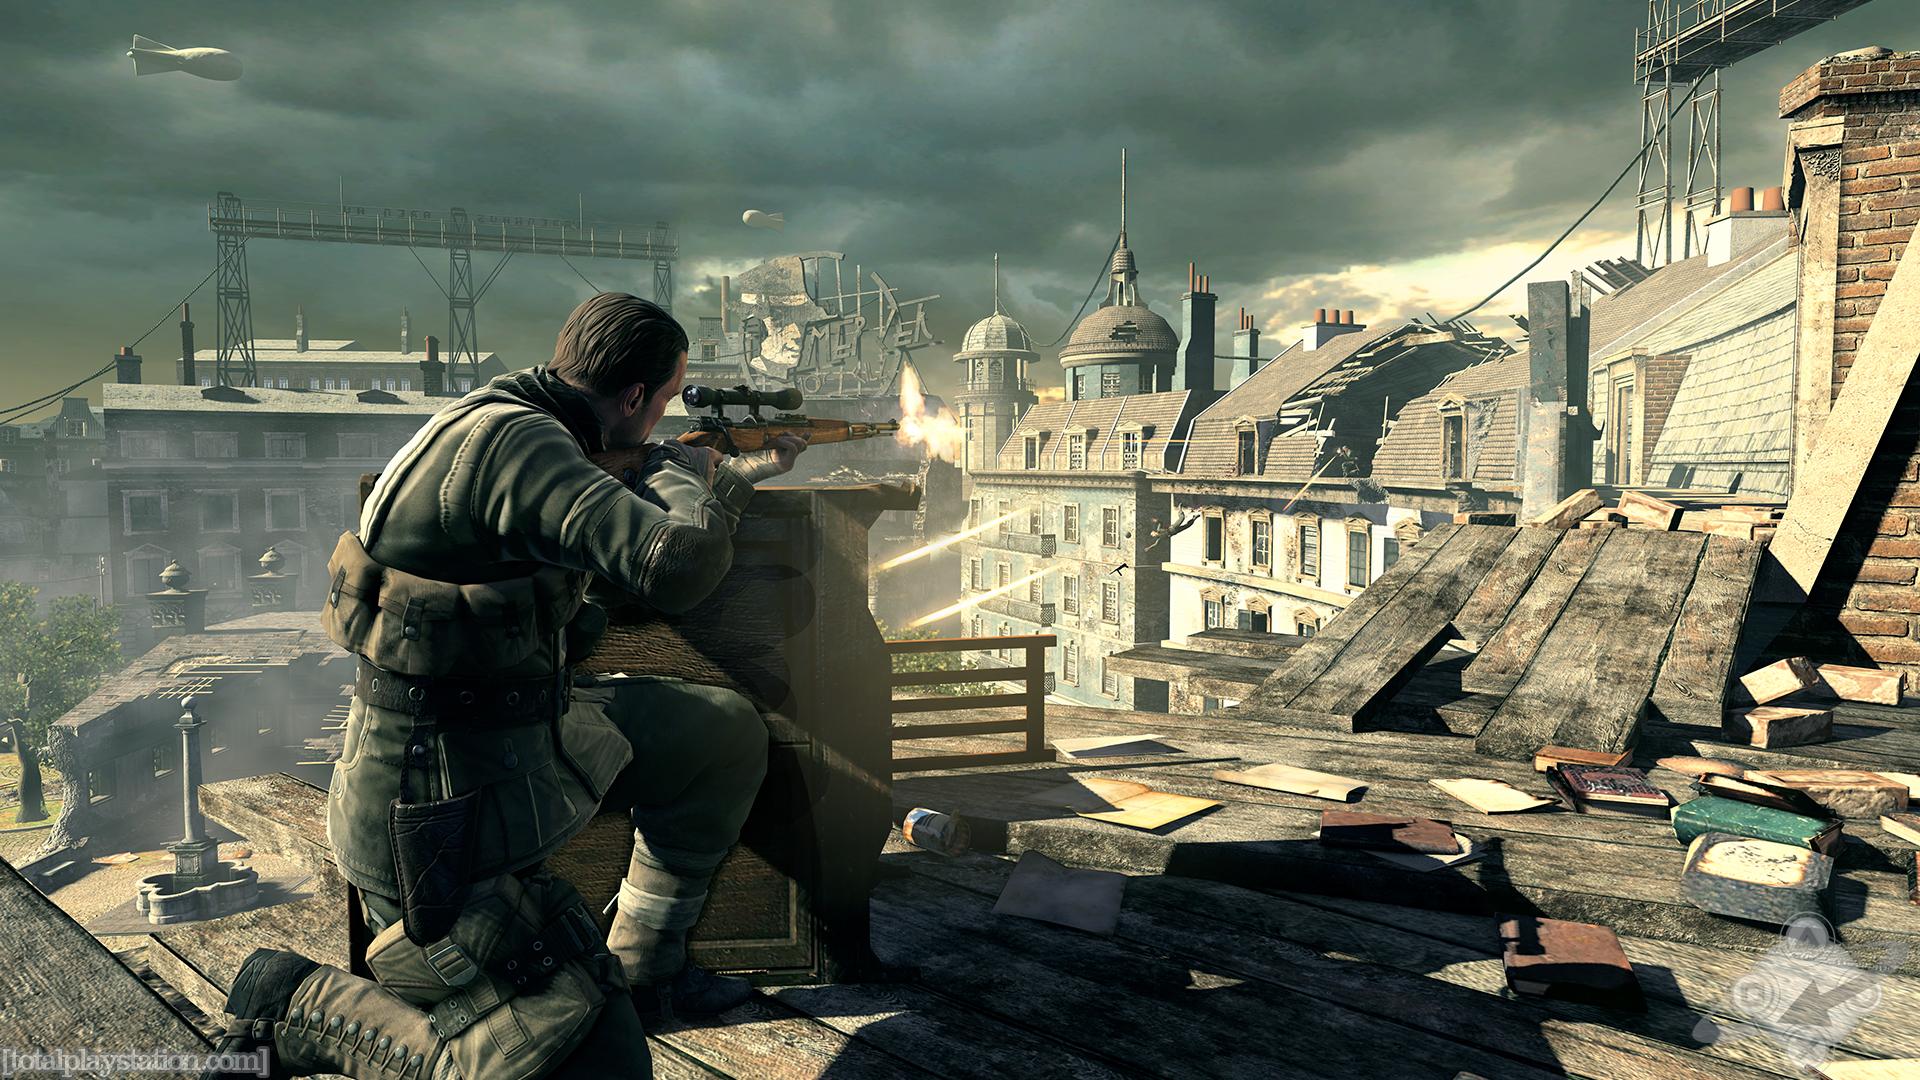 Sniper Elite wallpaper 1920x1080 83543 1920x1080